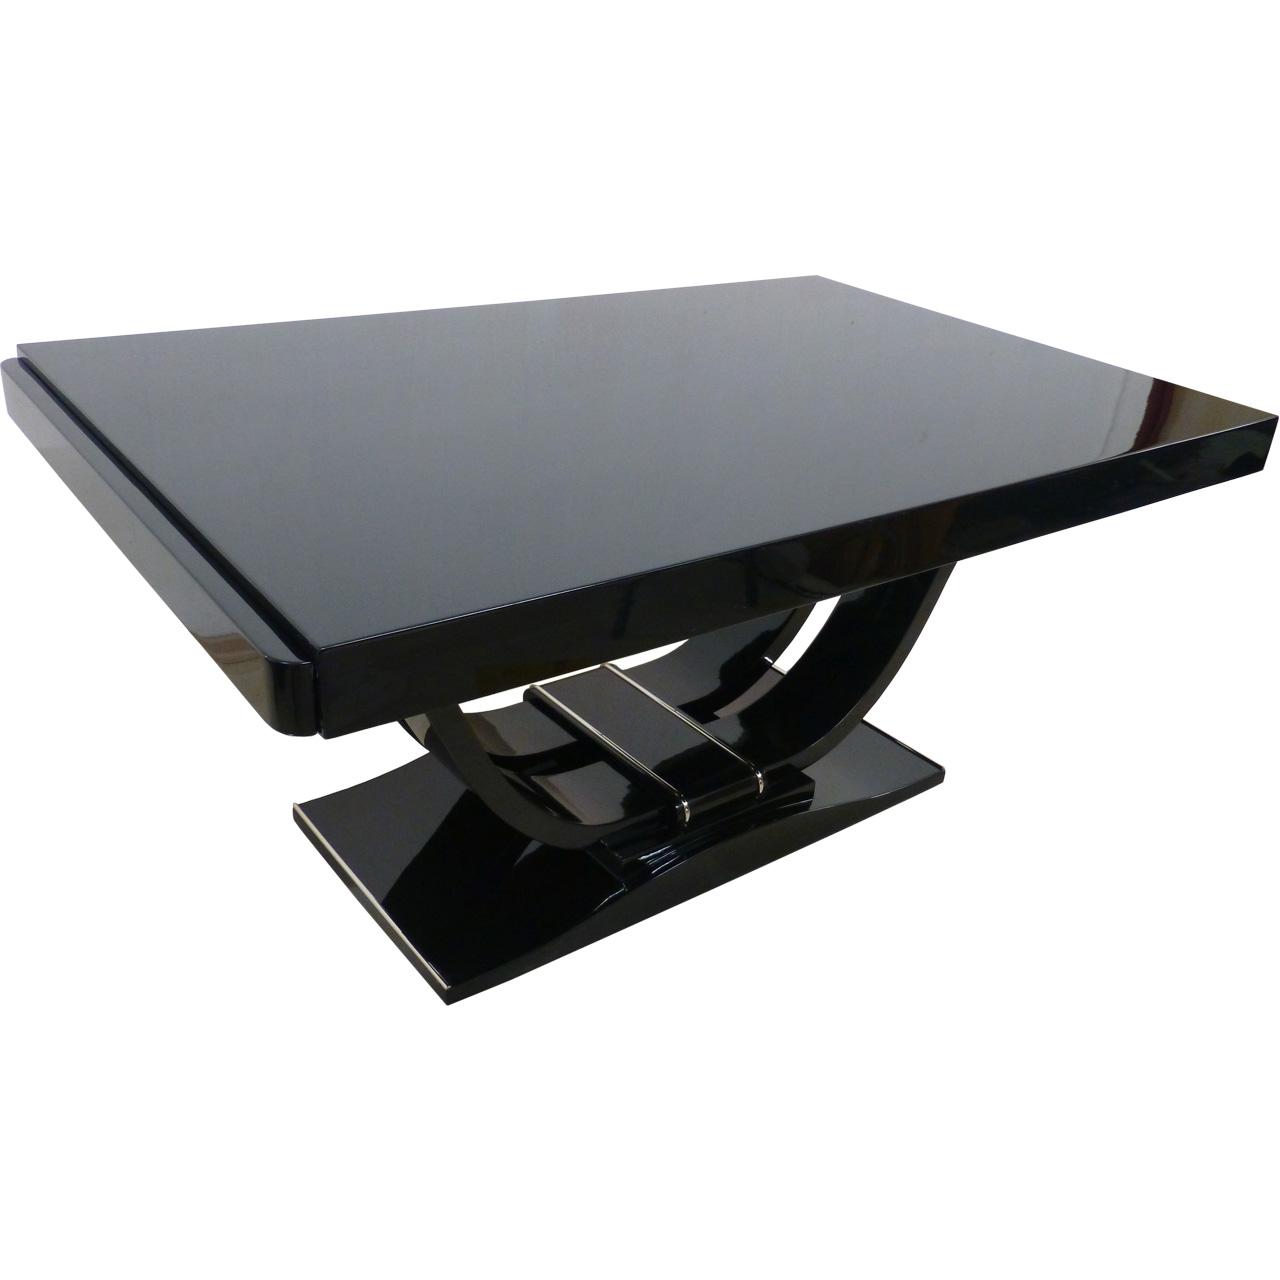 3405 Restaurierter Art Deco Tisch ausziehbar, kann mit 2 Anlegeplatte verlängert werden